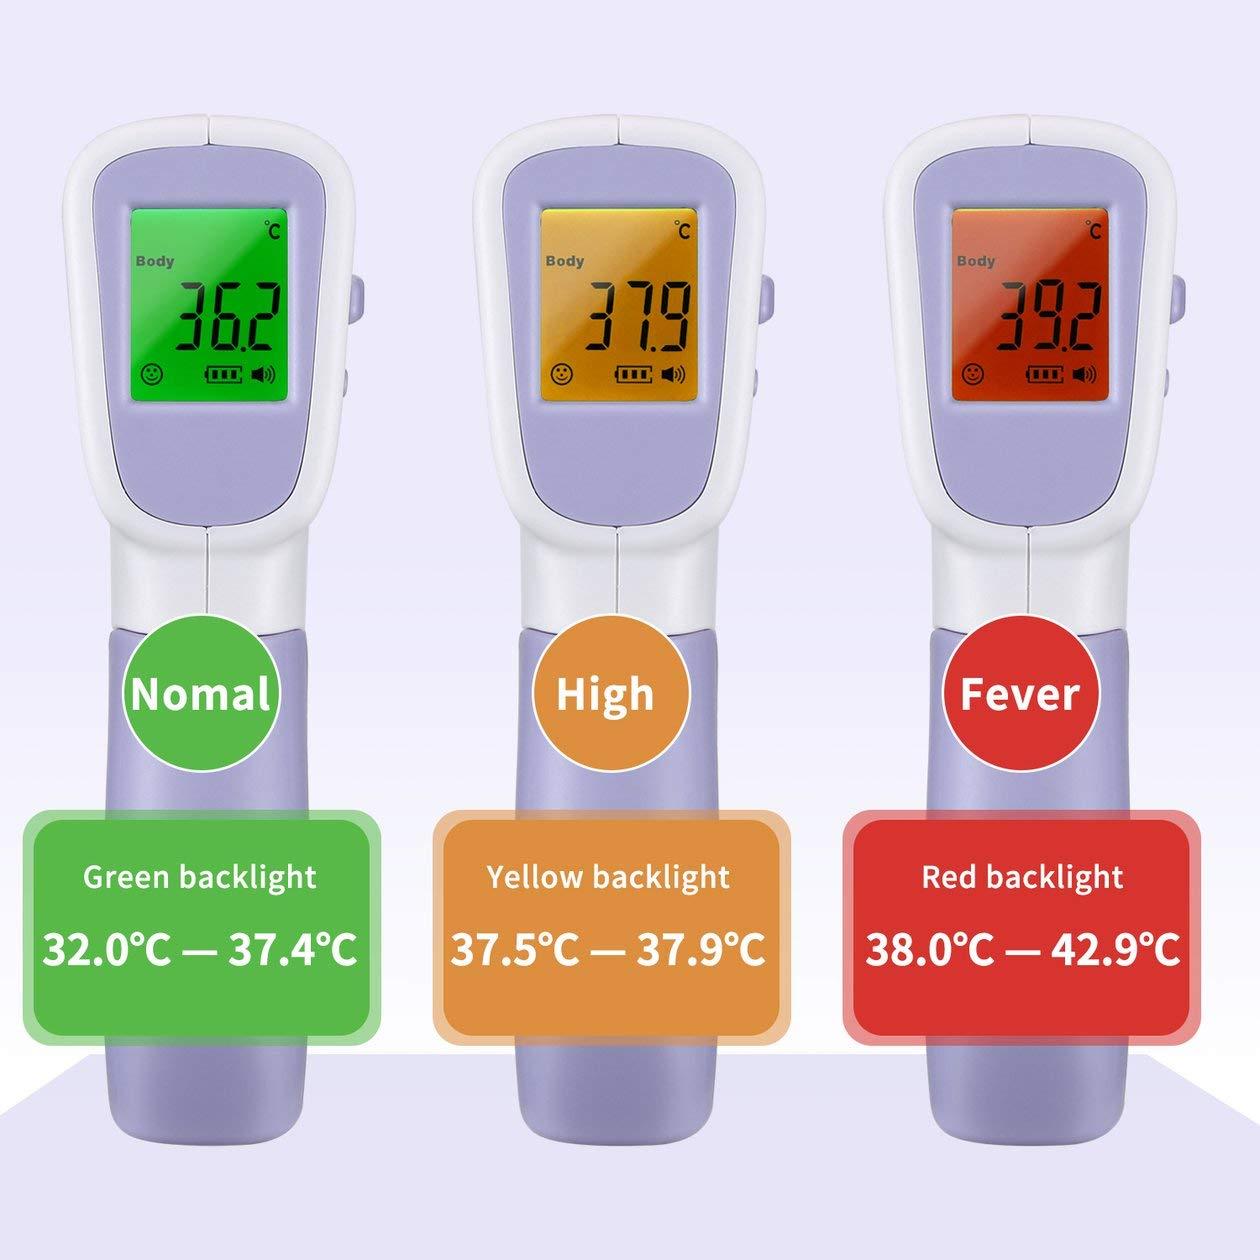 Nowakk Infrarot-Thermometer Ber/ührungsloses Infrarot-Thermometer Hand-Infrarot-Thermometer Hochpr/äzise Messungen der K/örpertemperatur